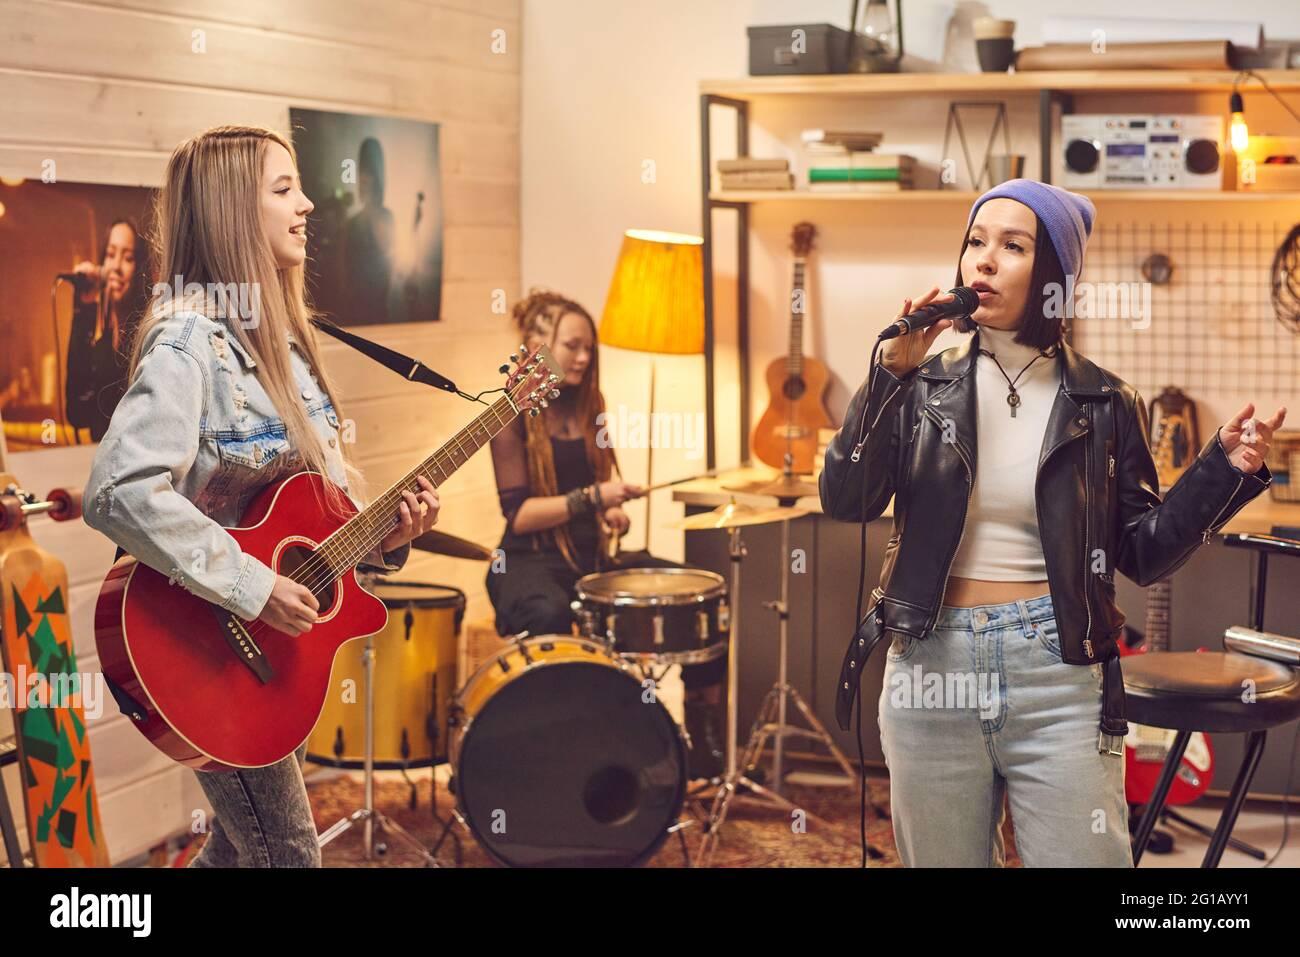 Banda femenina compuesta por tres chicas grabando canciones en el estudio Foto de stock